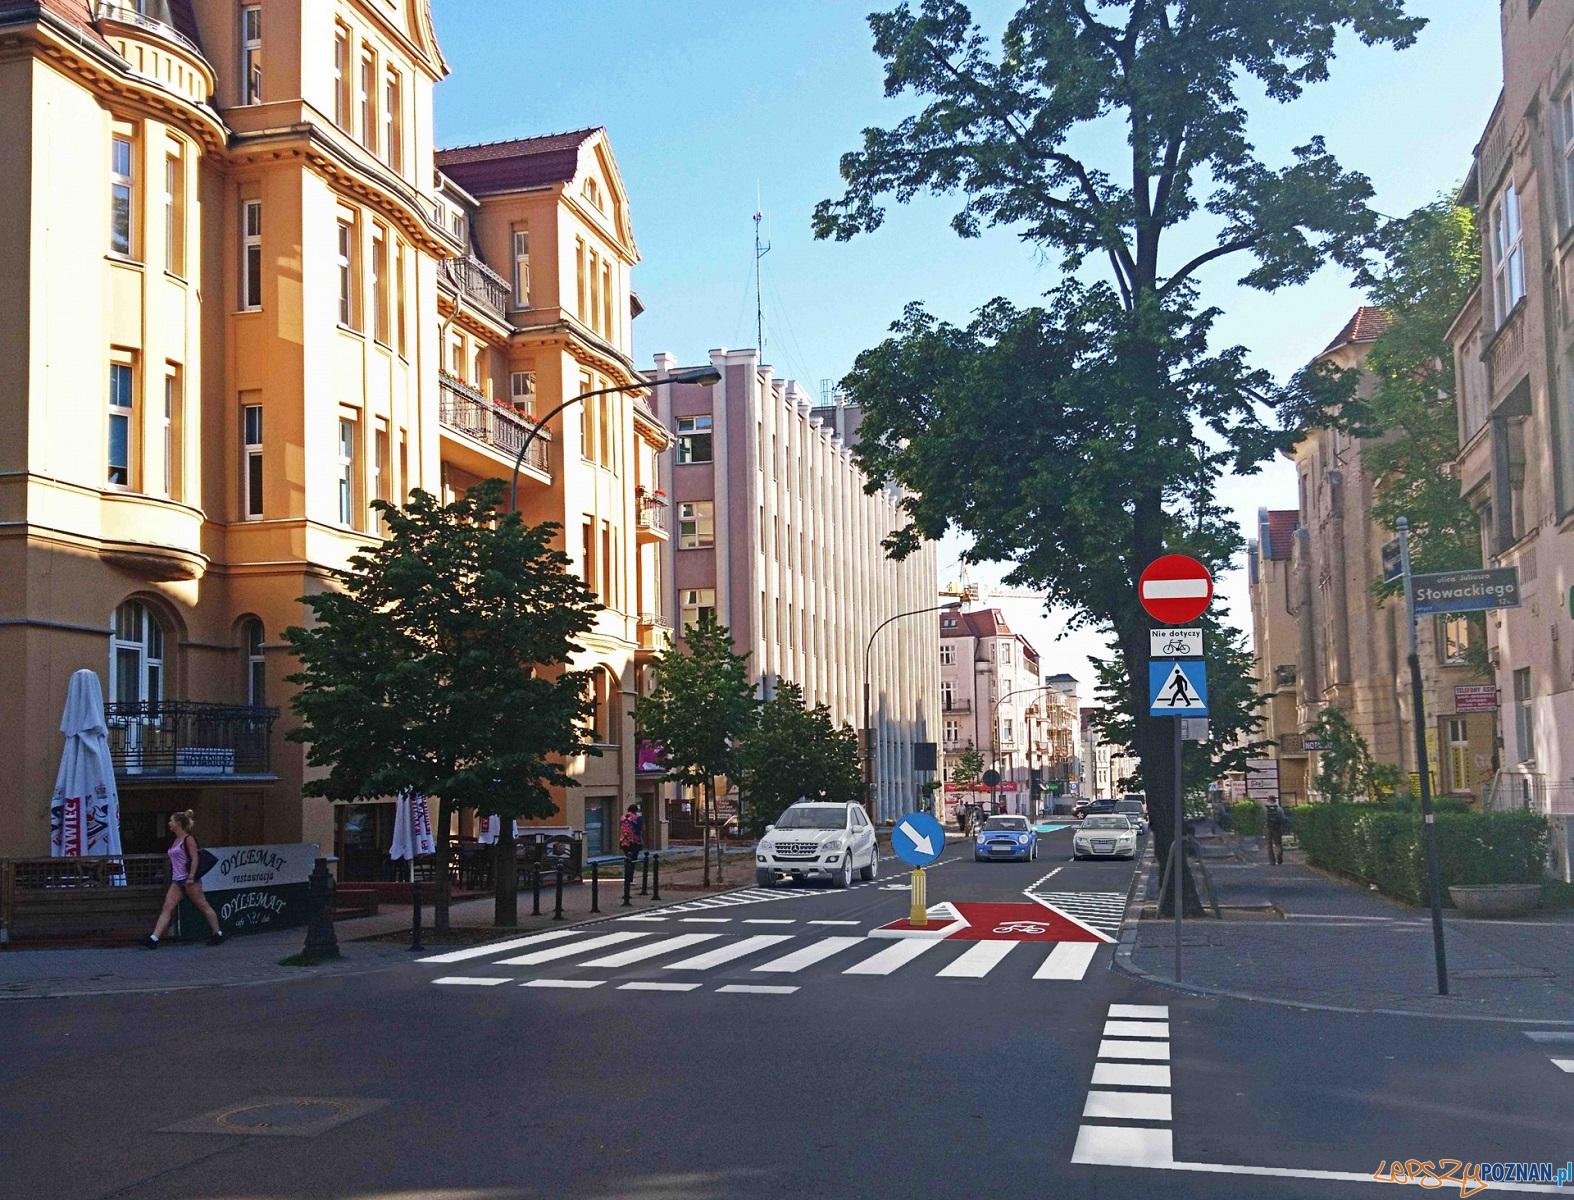 Wizualizacja zmian na ulicy Mickiewicza  Foto: materiały prasowe / ZDM